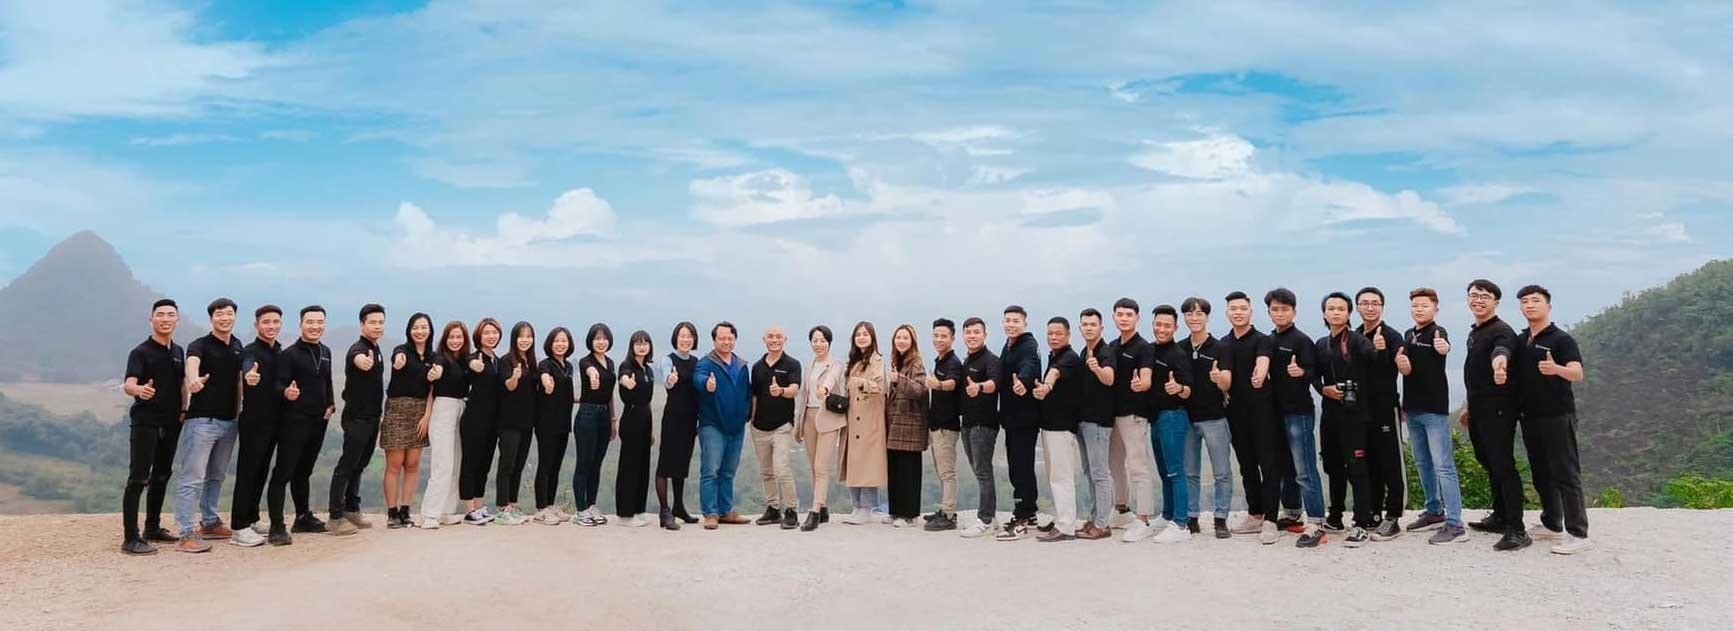 Top 10 Công ty tổ chức sự kiện chuyên nghiệp tại Nha Trang 5